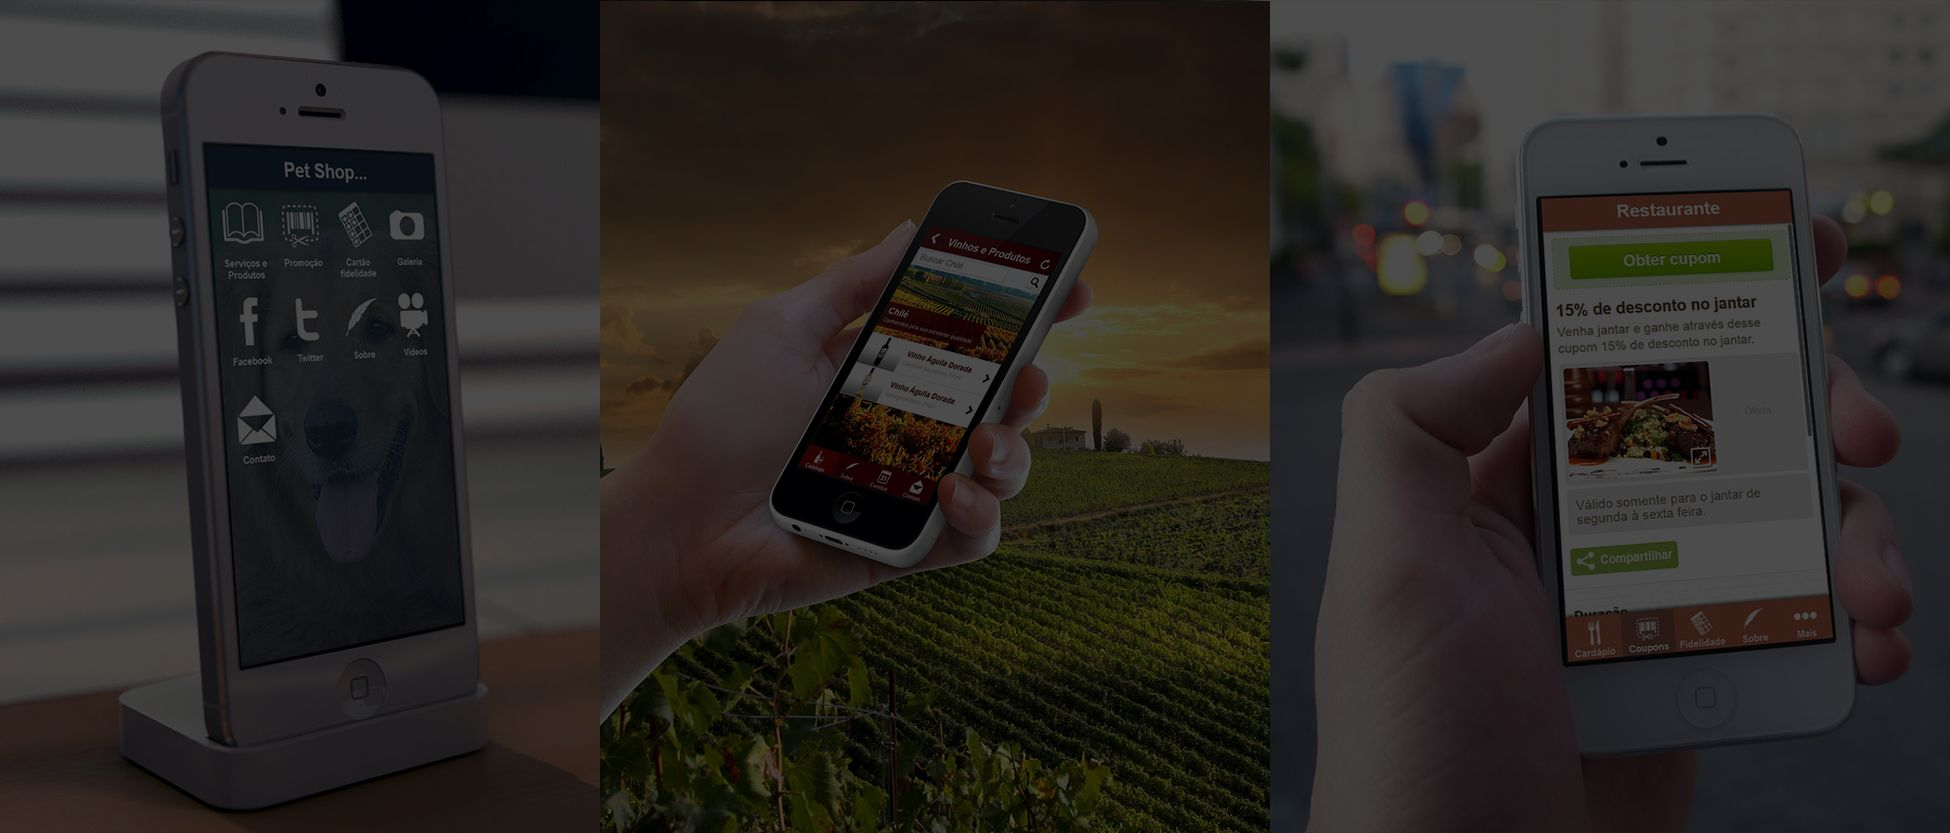 app-mobile-aplicativo-ios-android-cabeca-criativa-comunicacao-agencia-de-publicidade